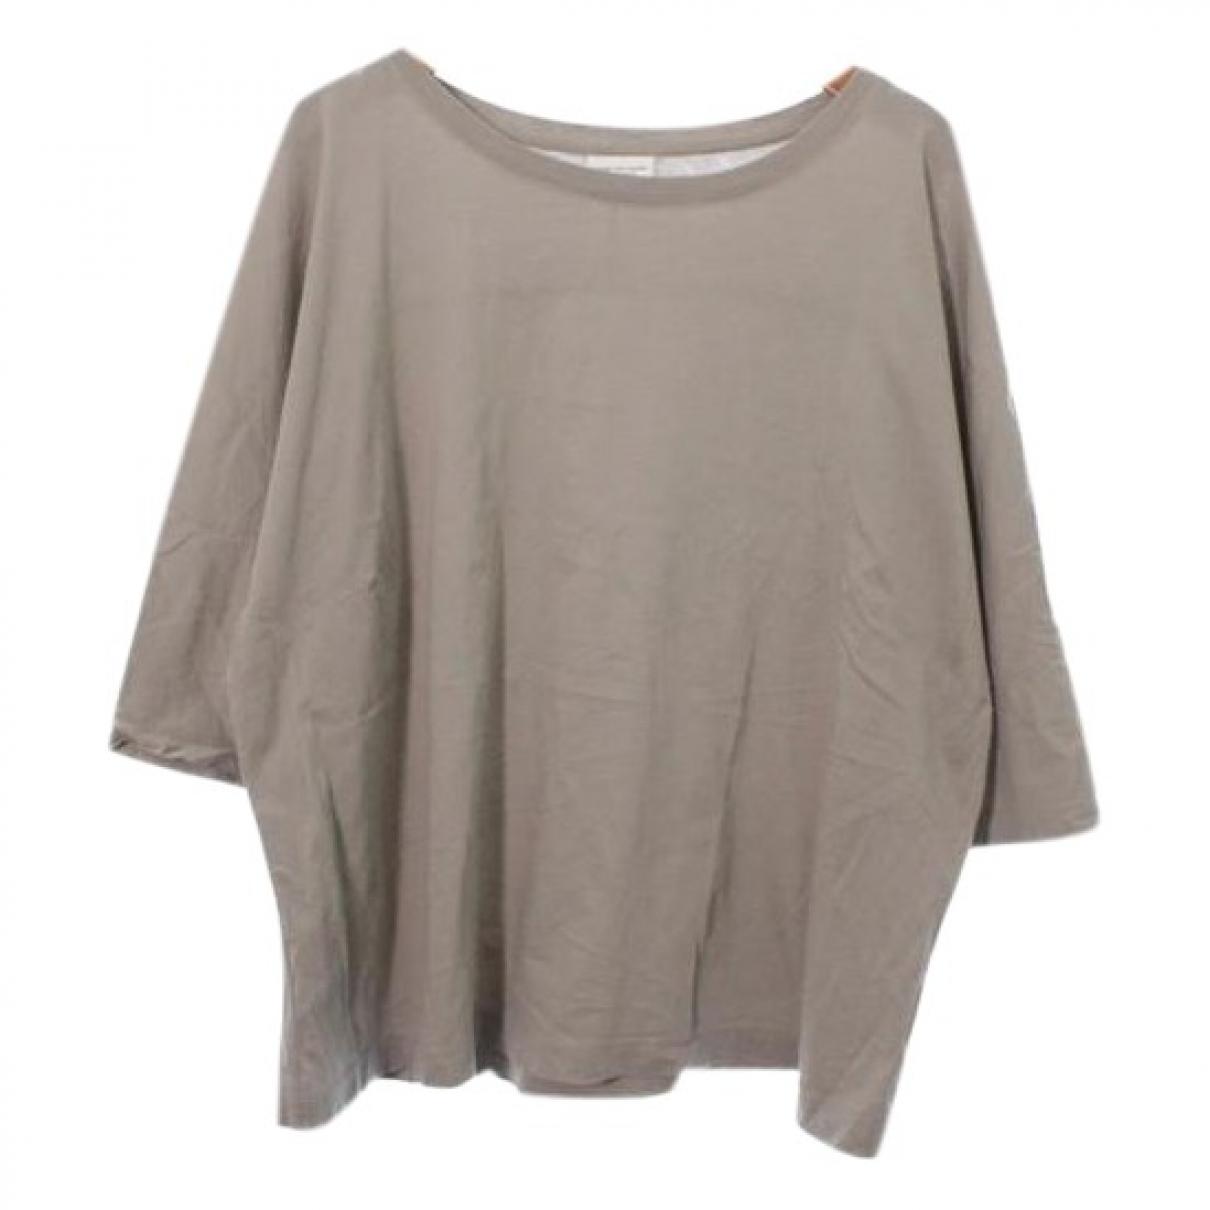 Dries Van Noten - Top   pour femme en coton - beige